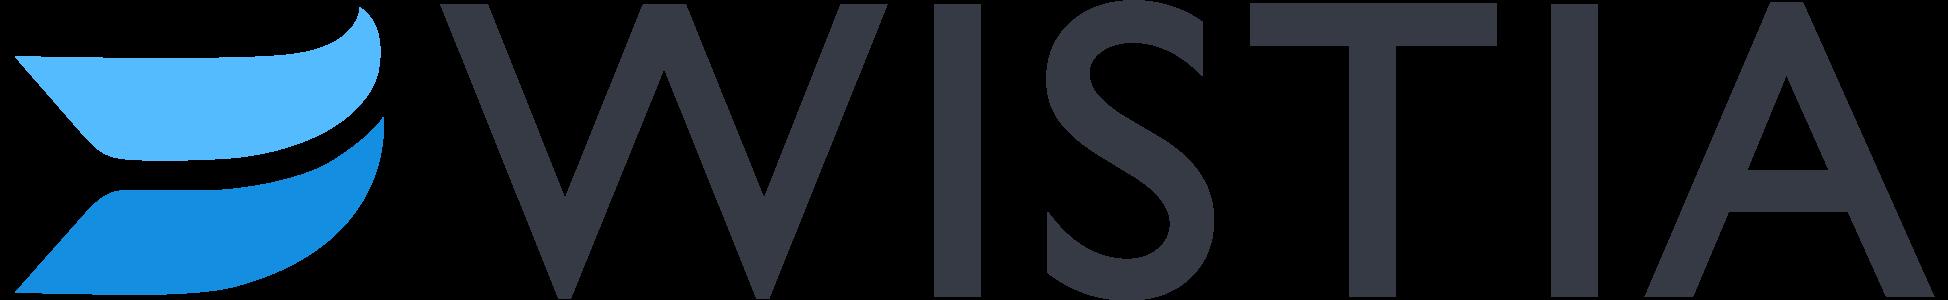 hscm marketing tools post - wistia logo.png